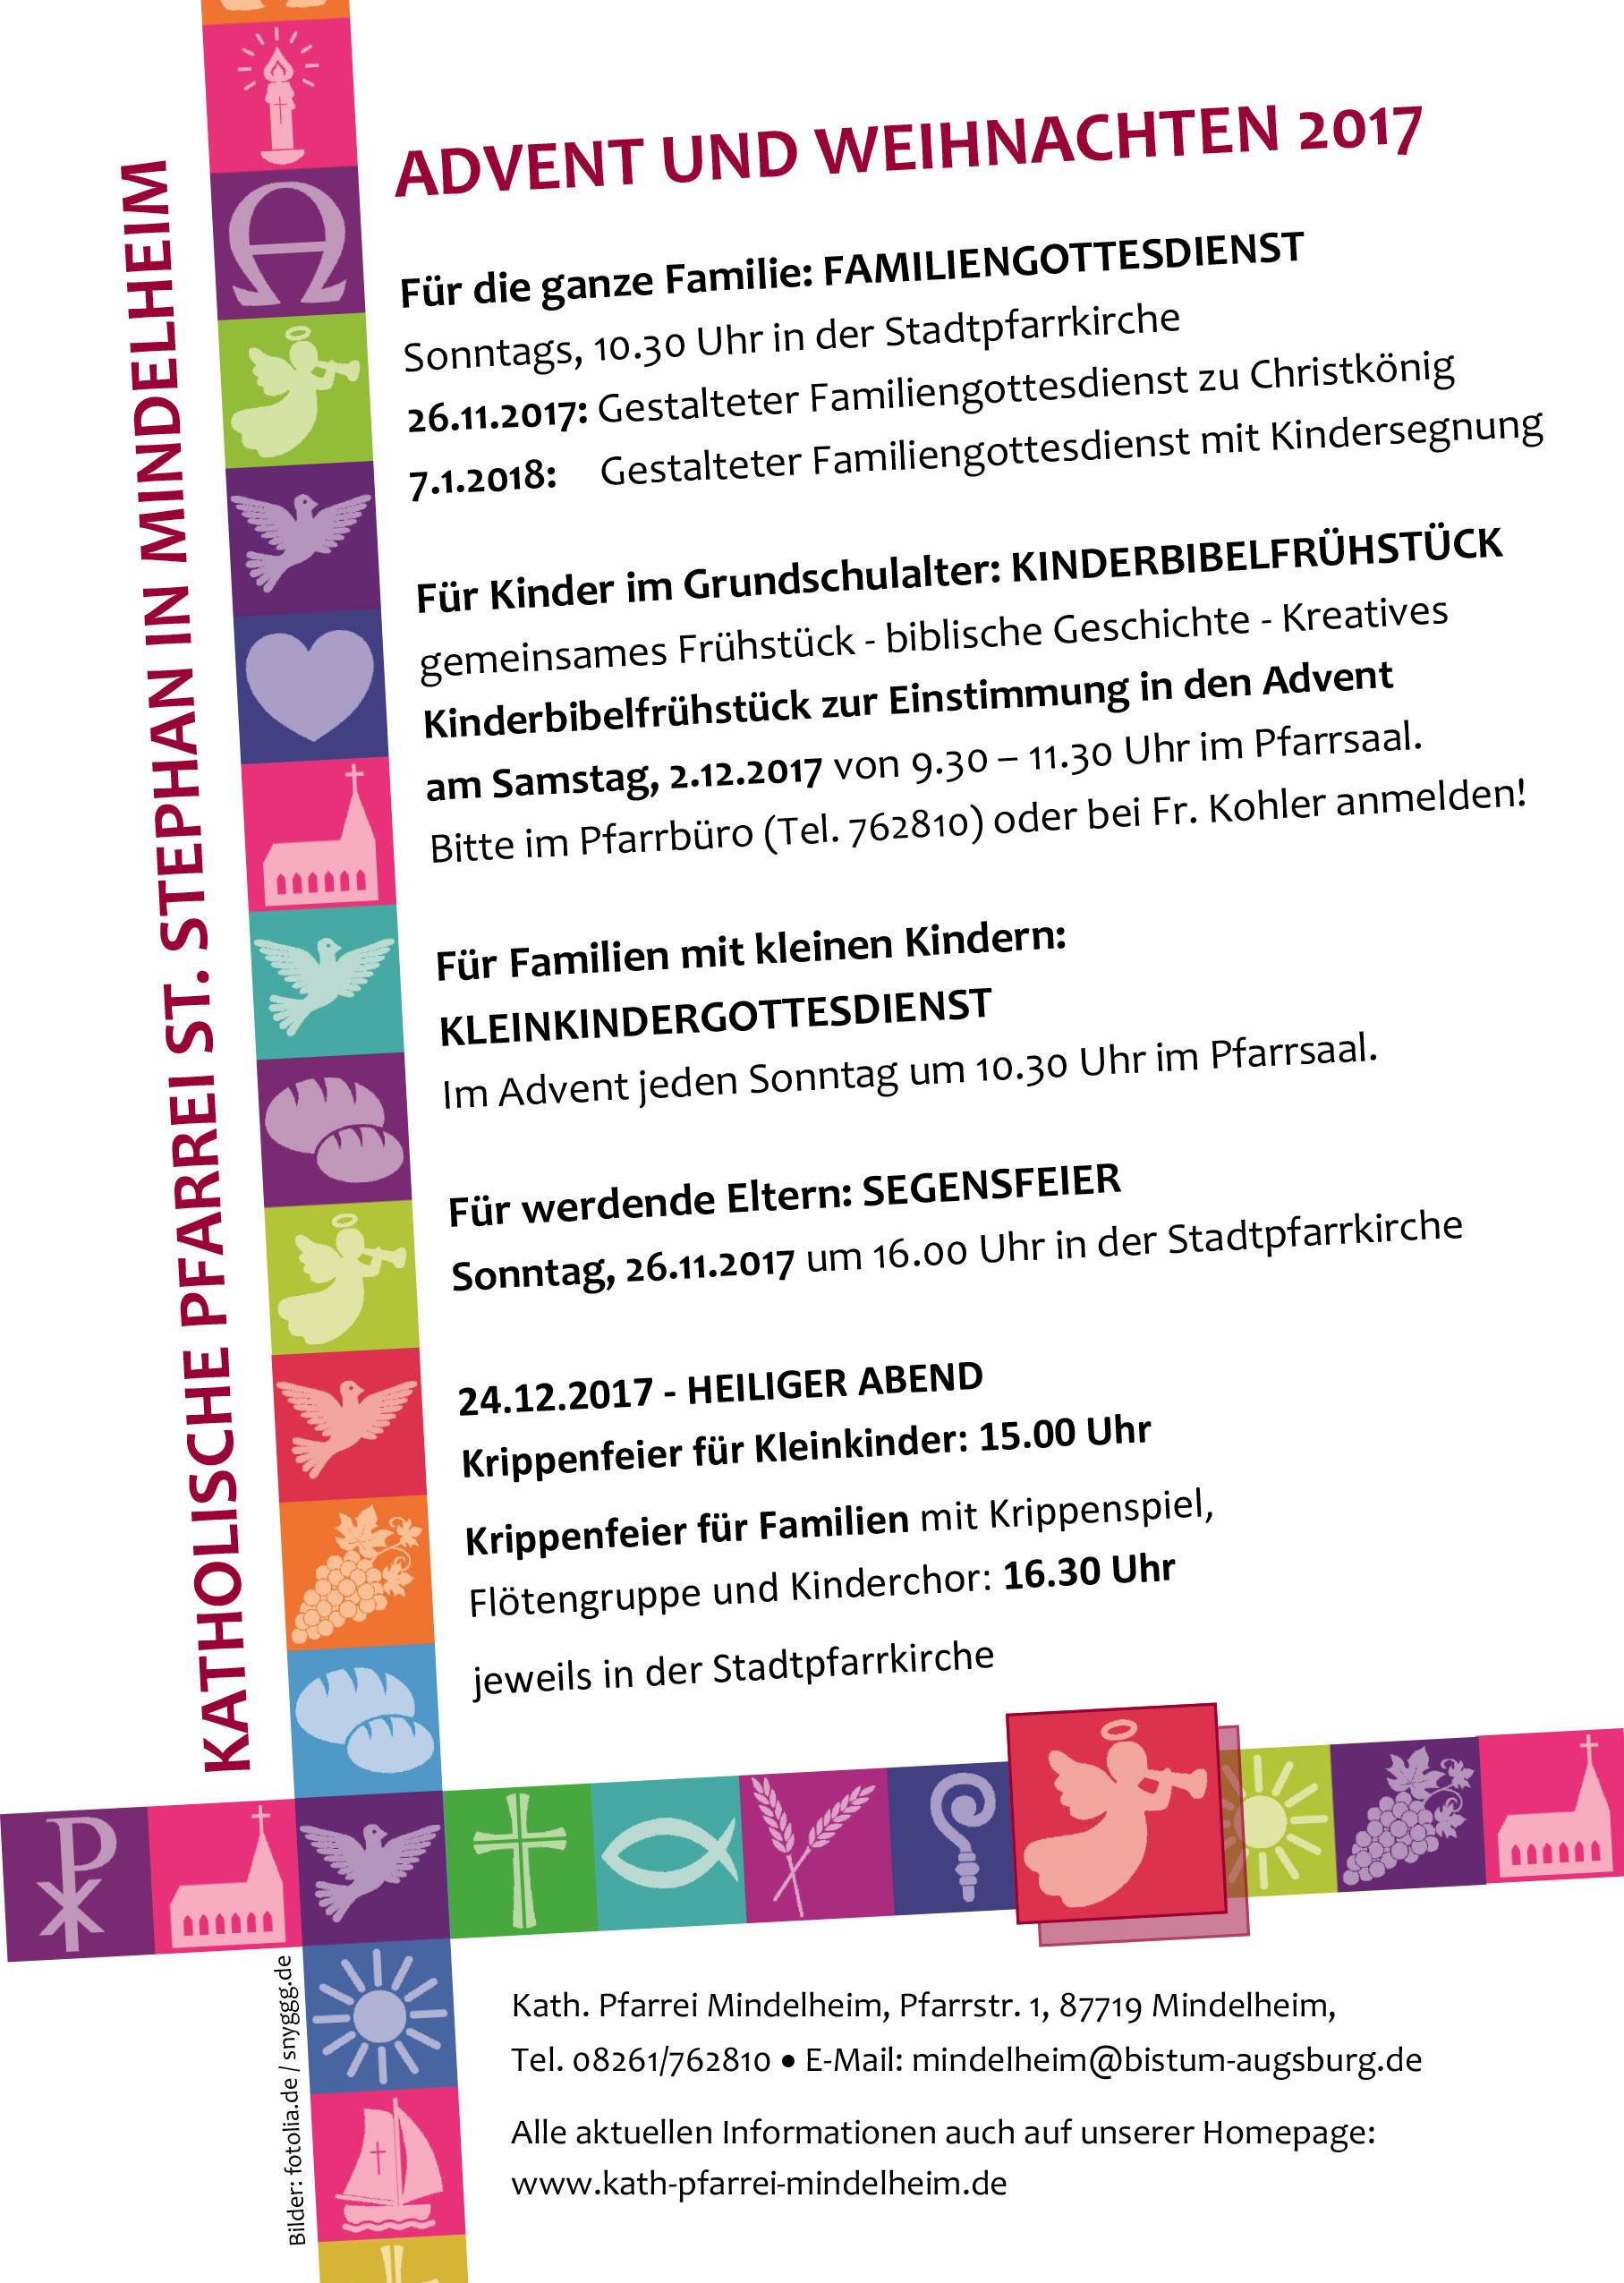 Weihnachten Termine.Termine Für Familien Im Advent Und Weihnachten Bistum Augsburg